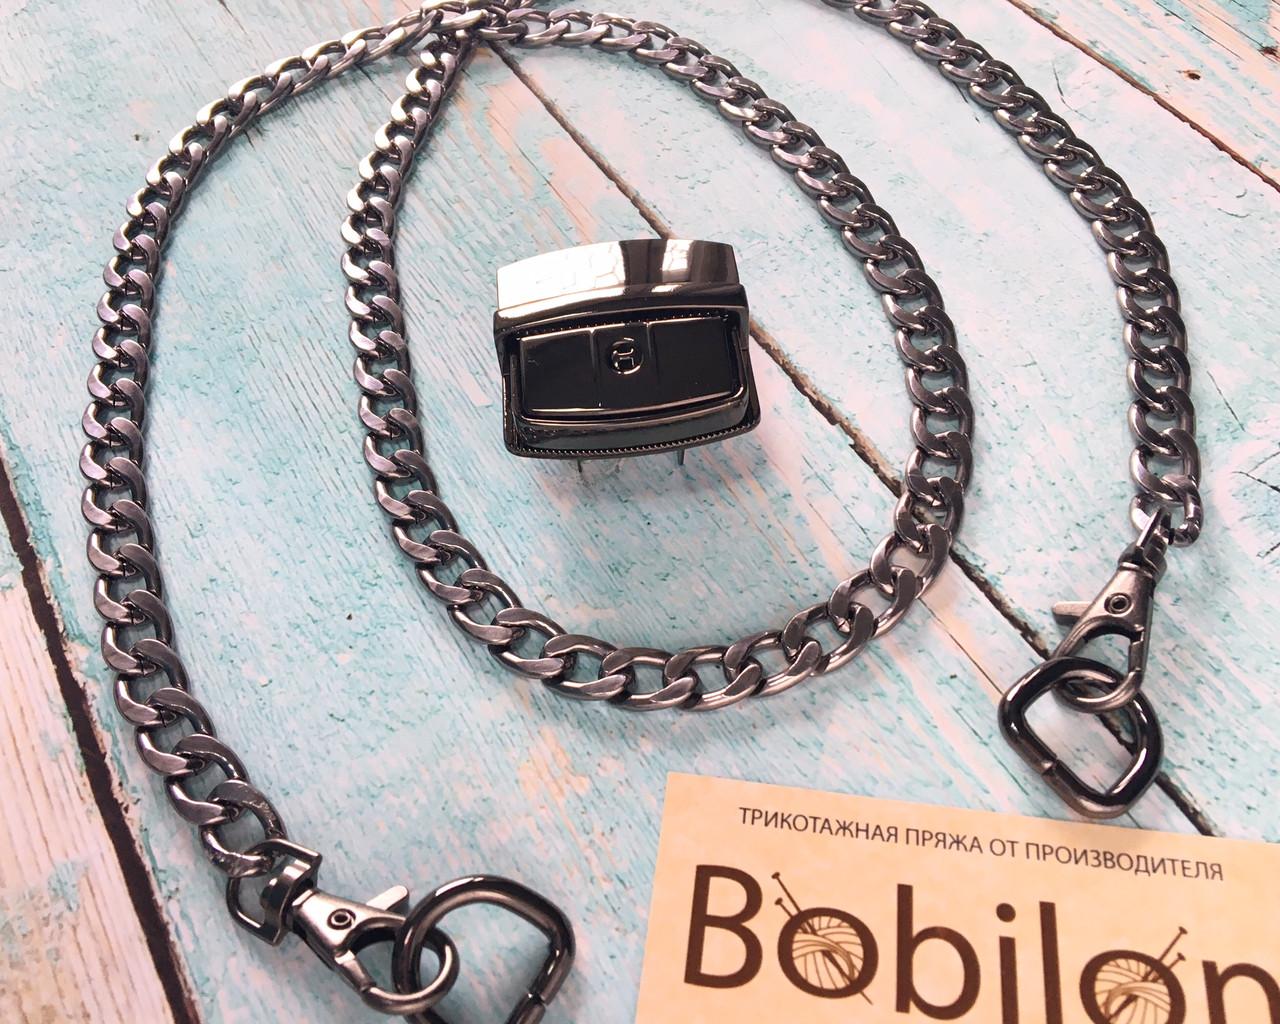 Набор фурнитуры для сумки в цвете черное серебро